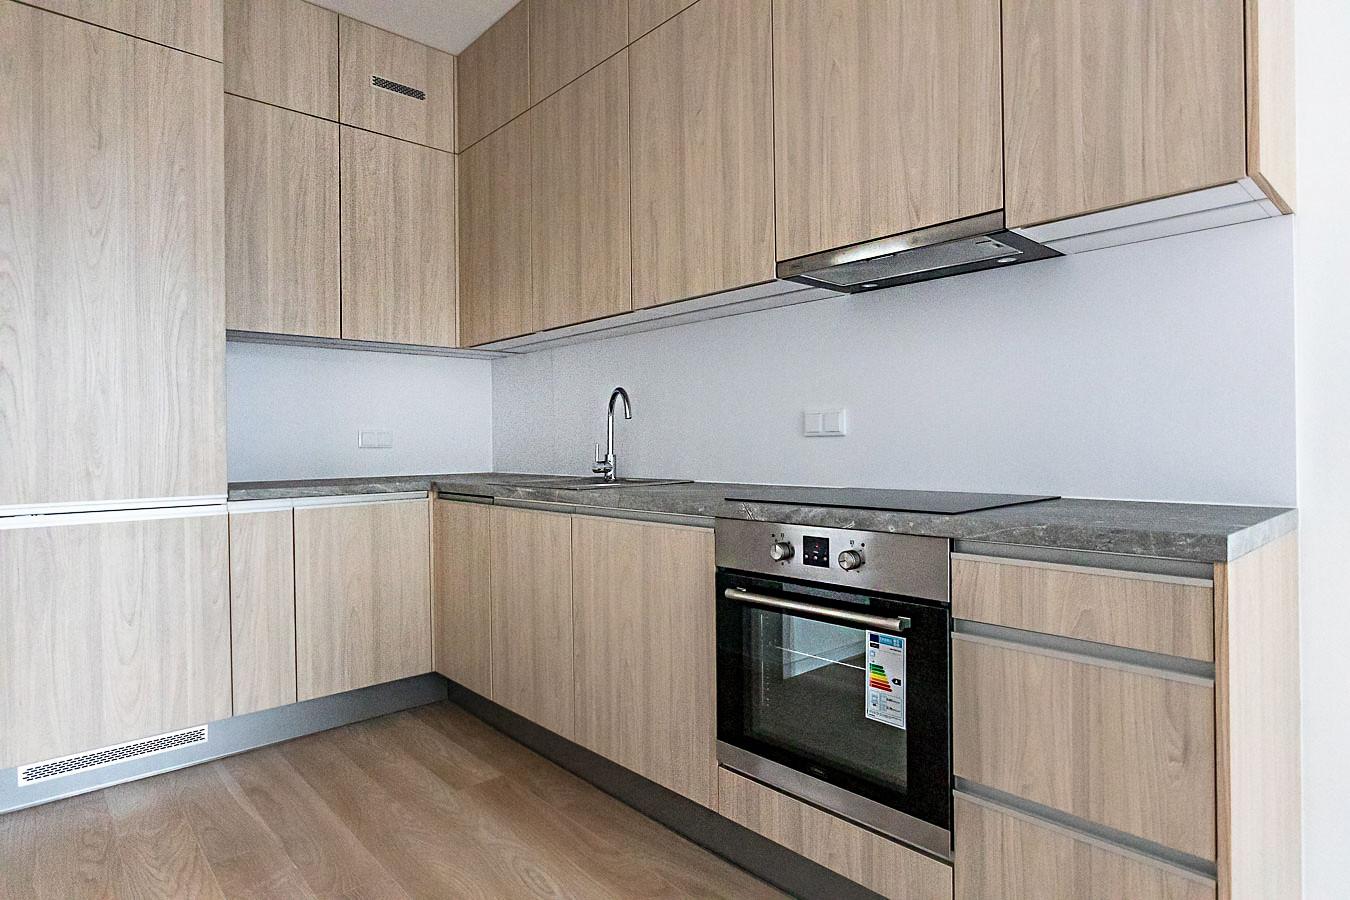 Browary Warszawskie flat 1 bedroom8.jpg